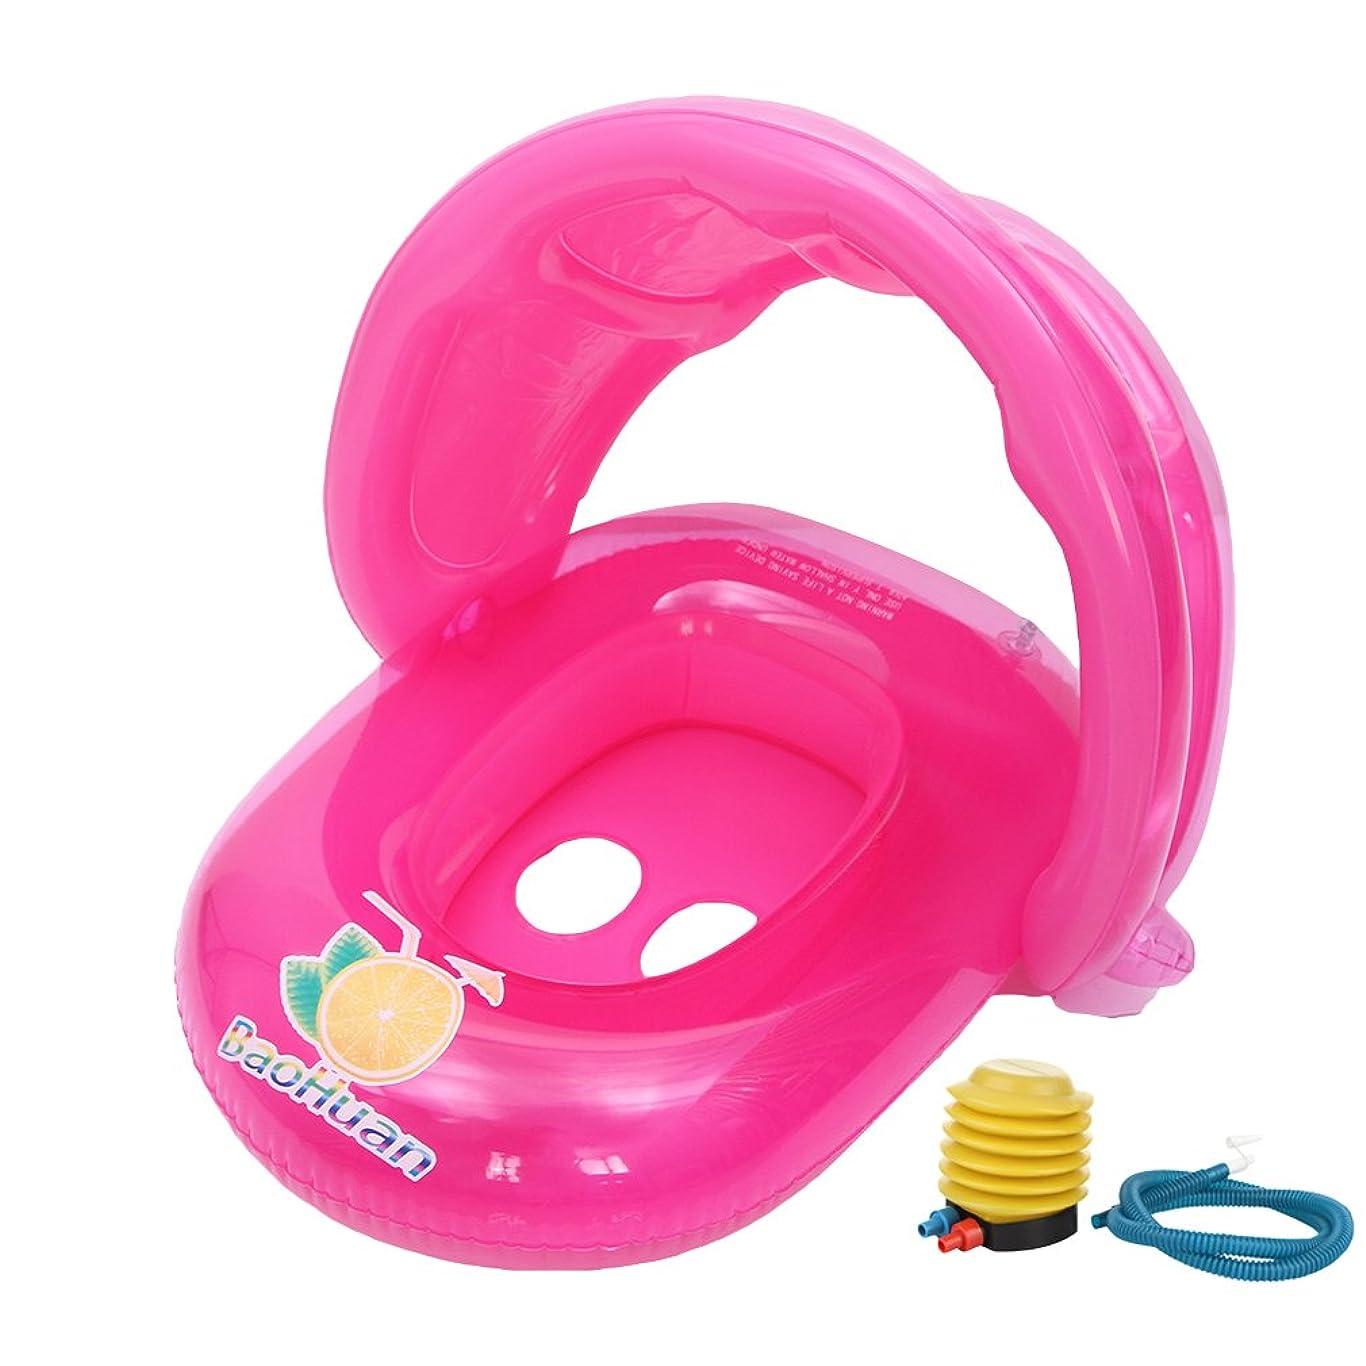 花に水をやるピストン埋め込む[MARRYME] 子供用 浮き輪 ベビー 赤ちゃん 胴回り ボディリング 幼児 スイムリング フロート 水泳圏 浮具 足入れ式 屋根付き 日焼け予防 ポンプ付き (ローズ)